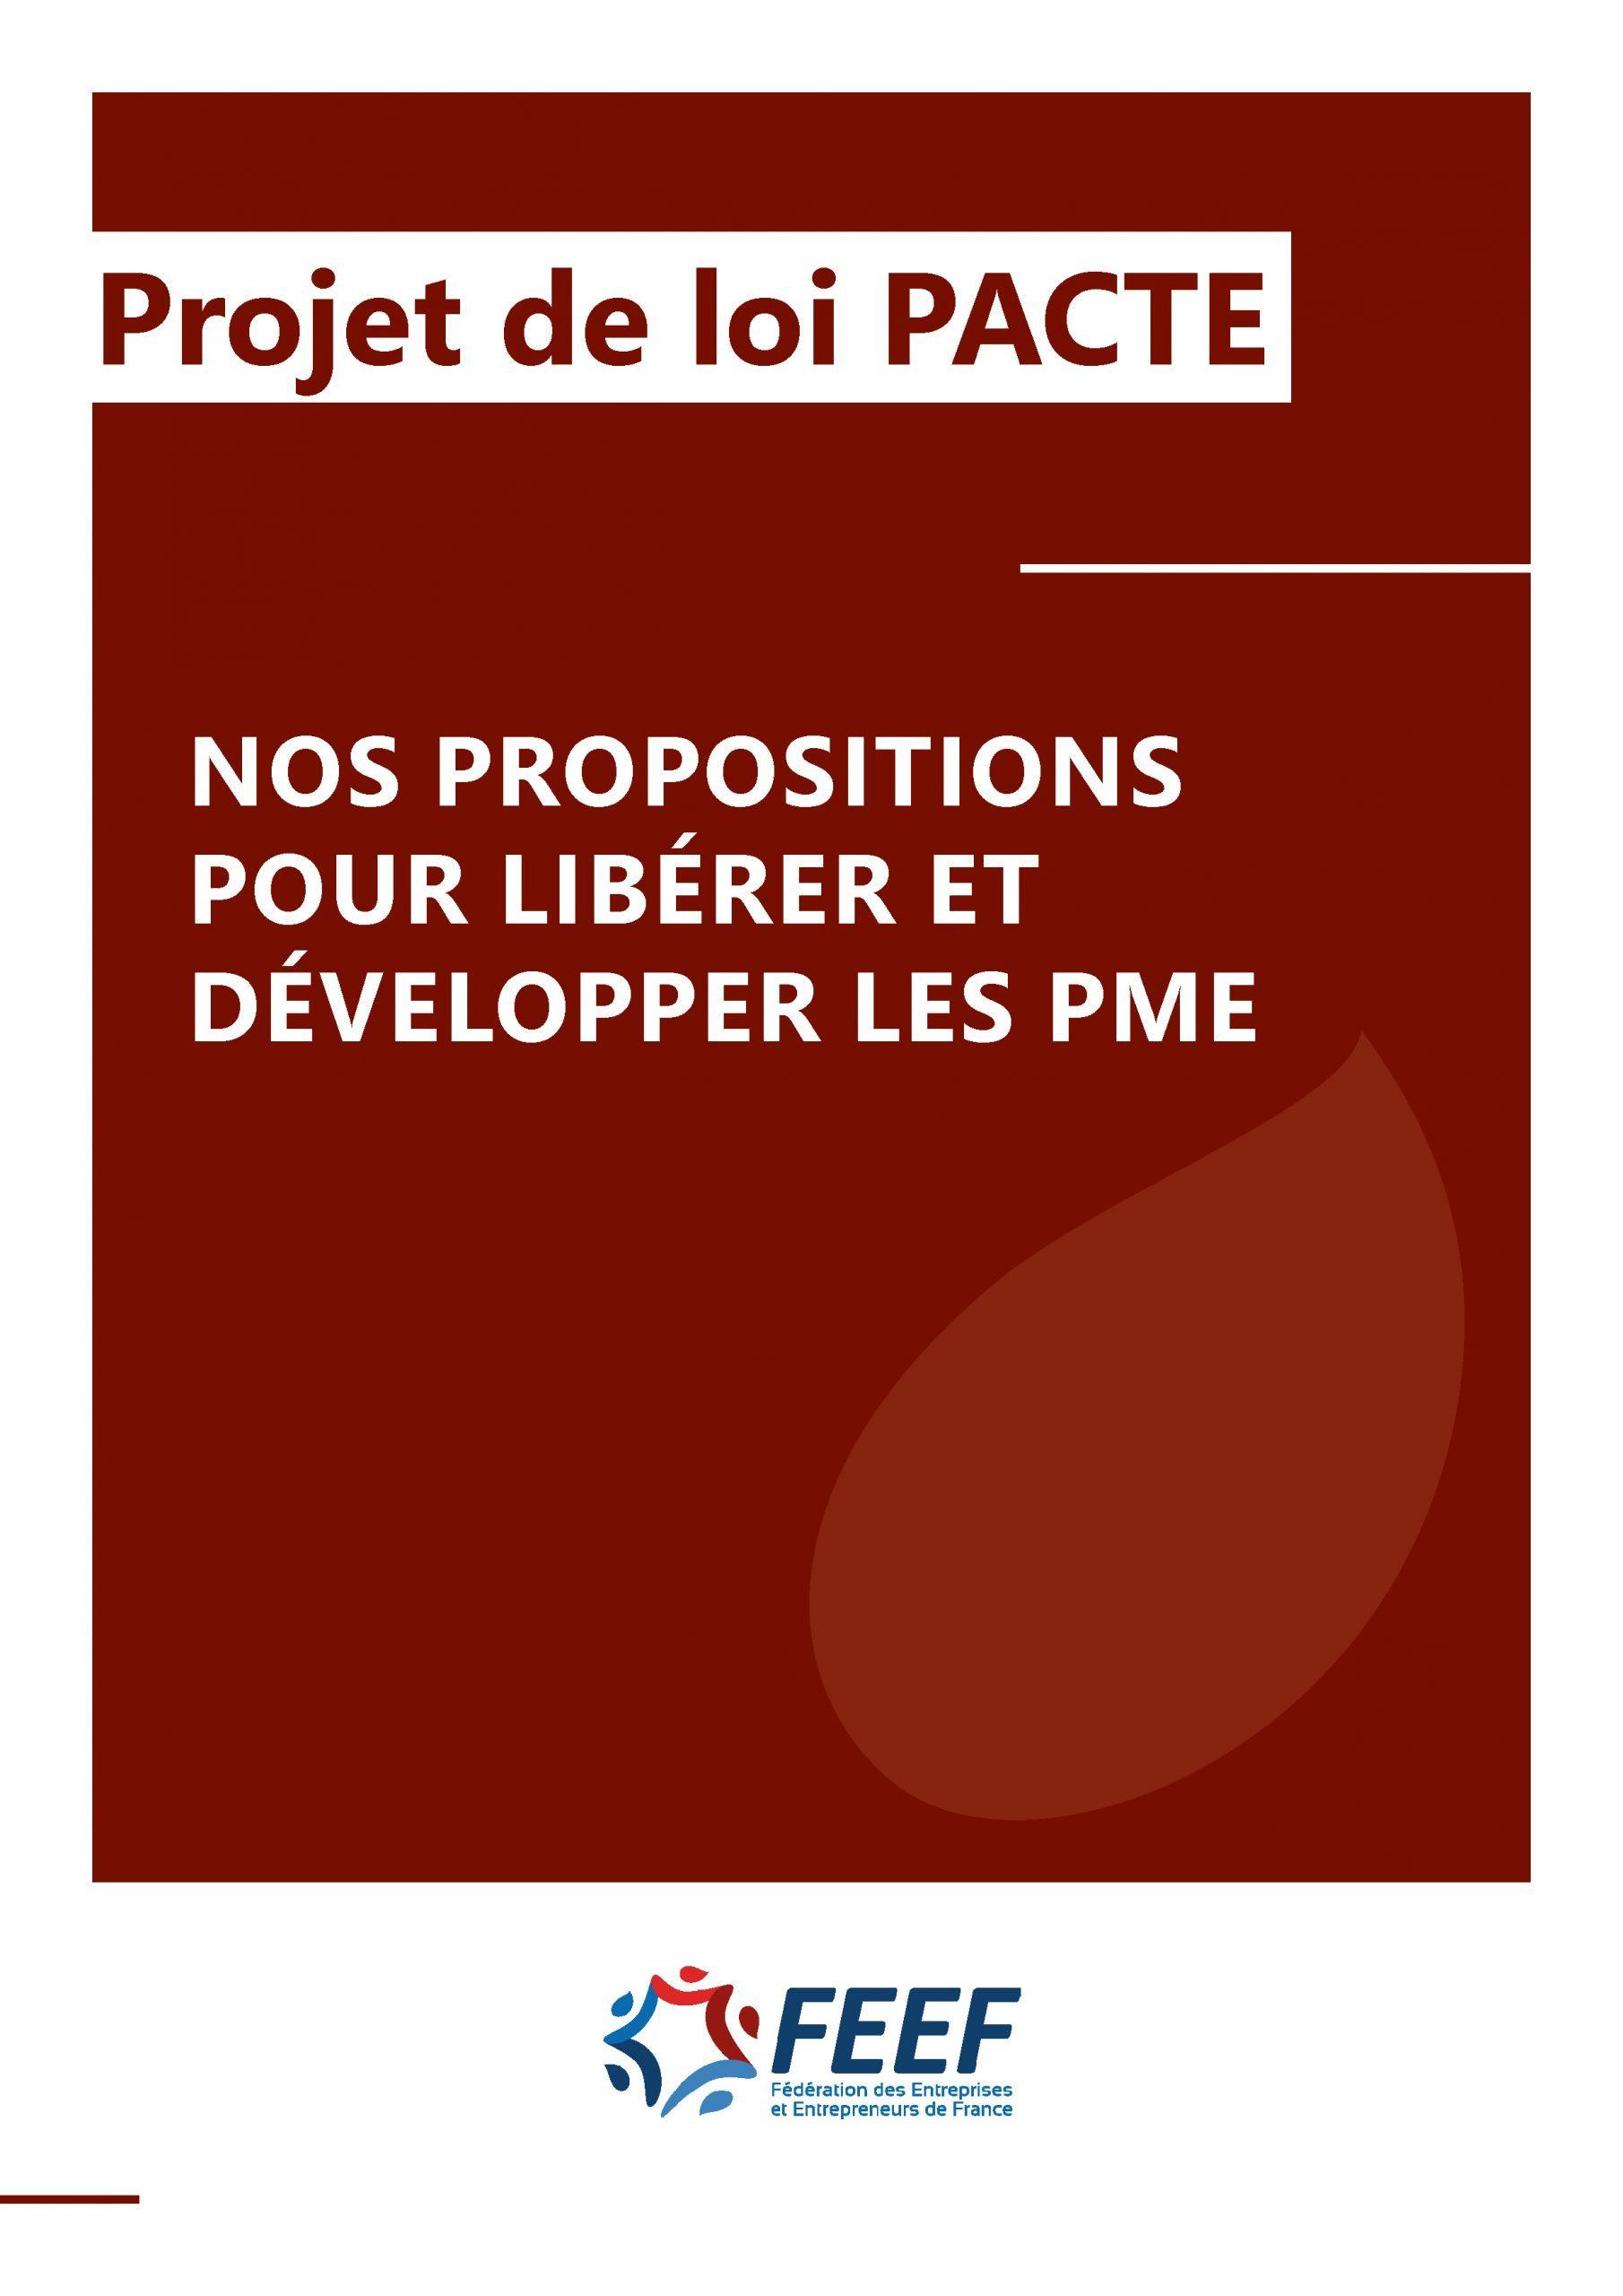 Projet de loi Pacte